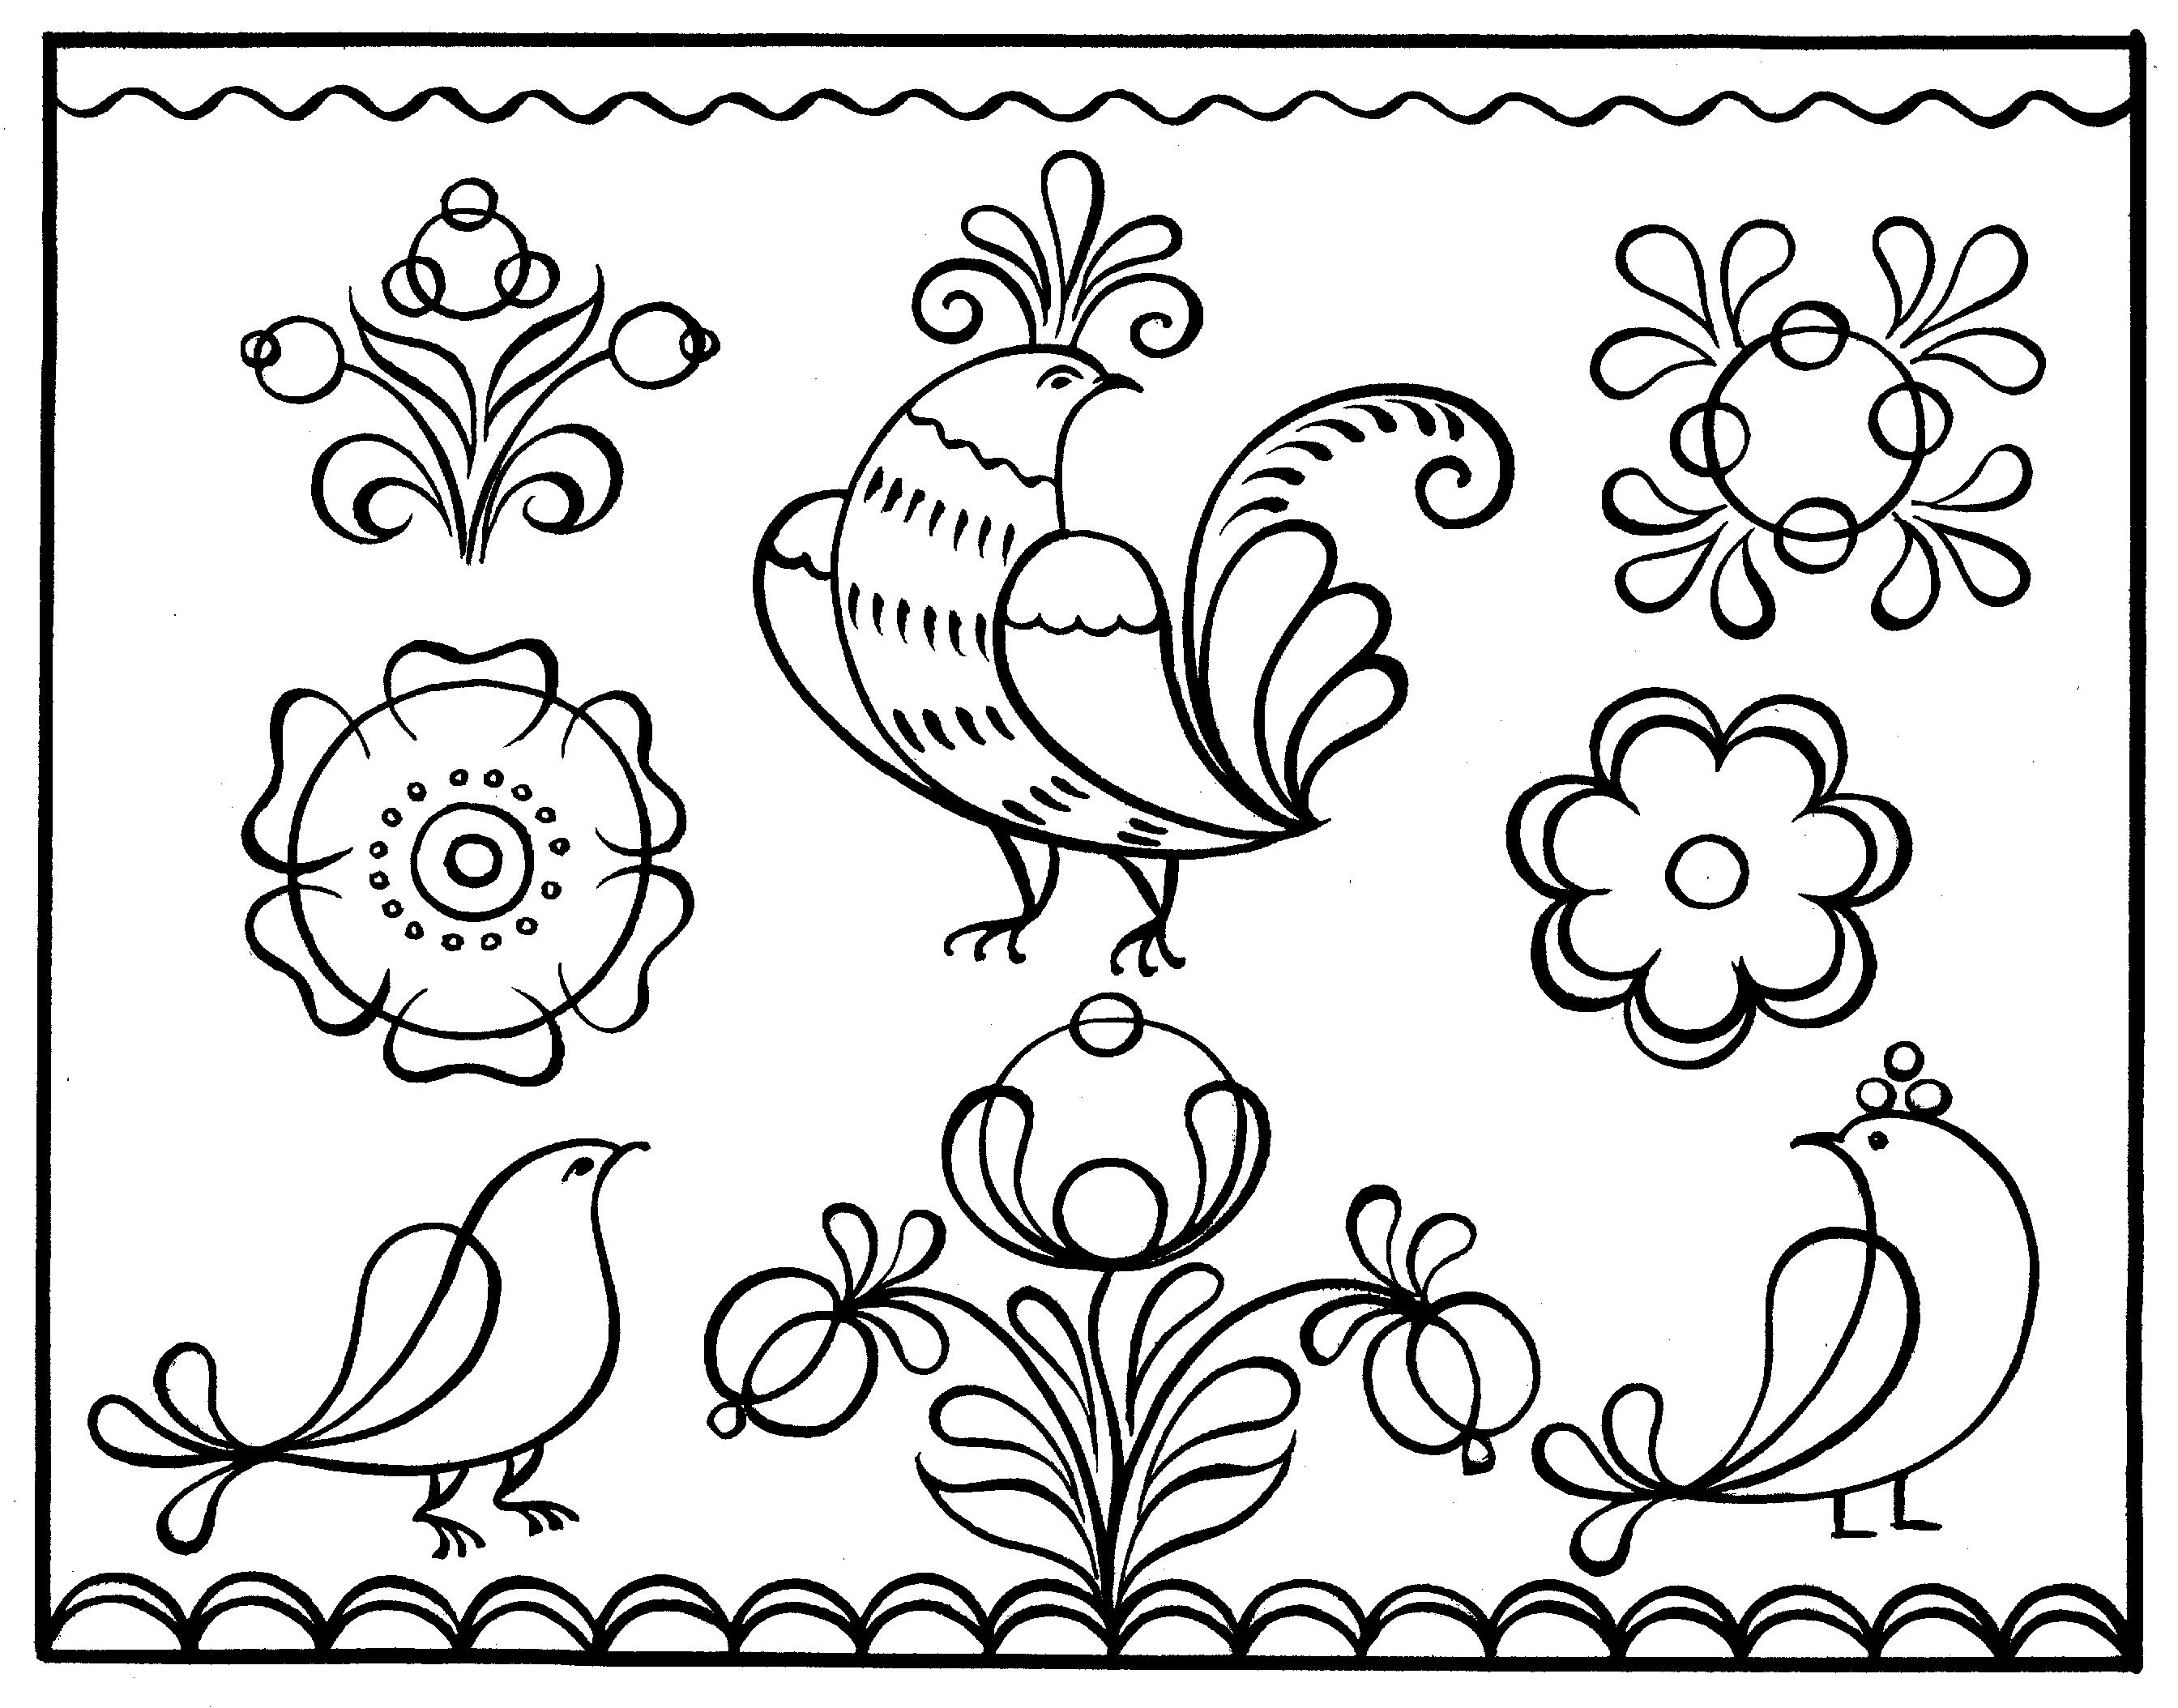 Днем рождения, русский орнамент картинки раскраски